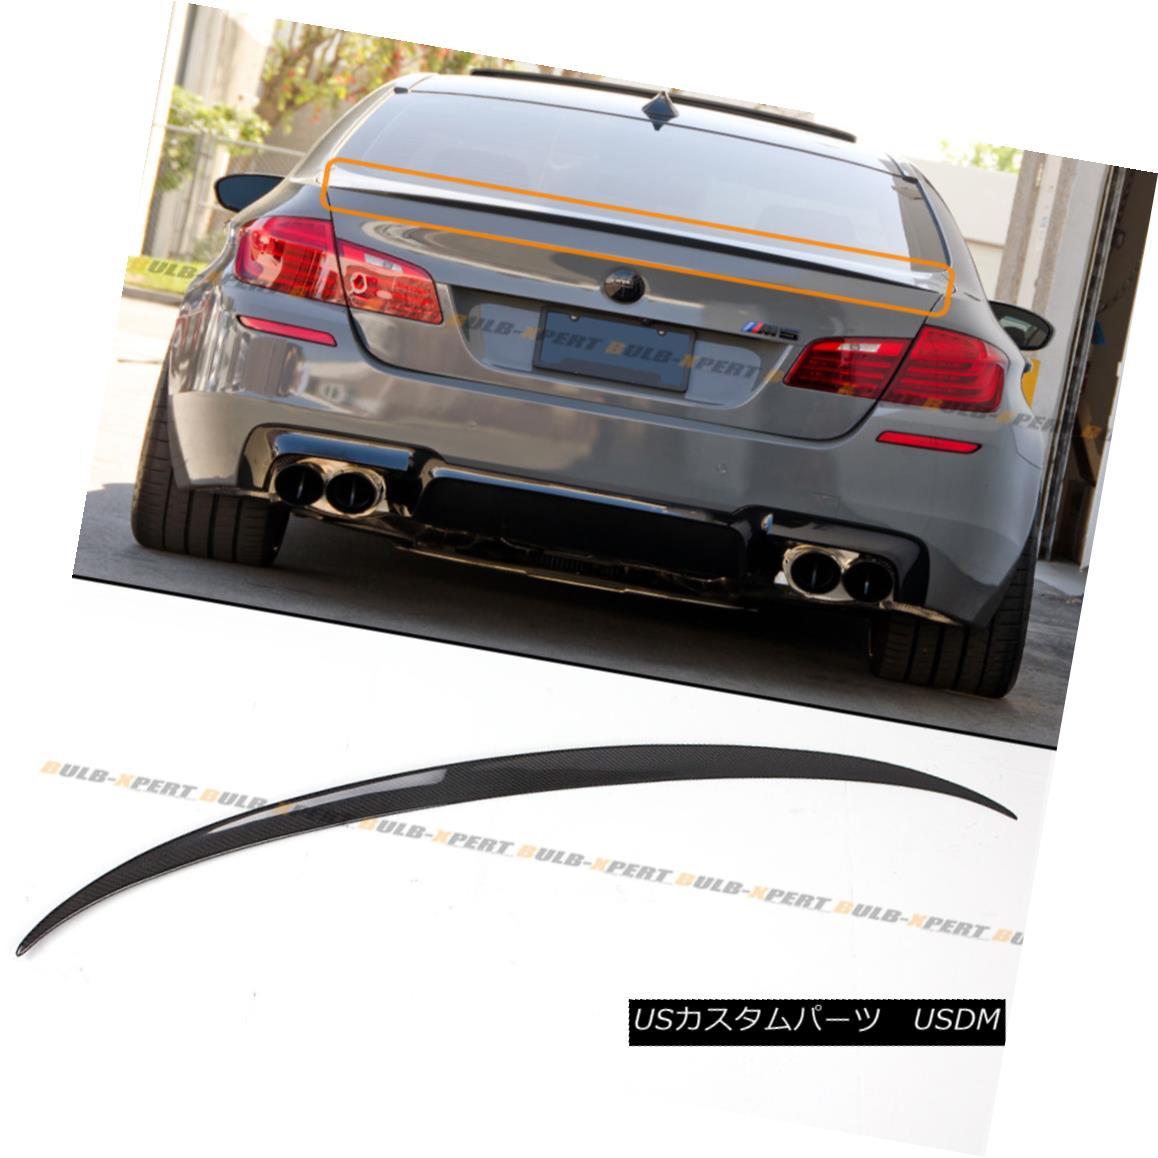 エアロパーツ For 11-16 BMW F10 5 Series 535i 528i Carbon Fiber M5 OE Style Trunk Spoiler Wing 11-16 BMW F10 5シリーズ535i 528i炭素繊維M5 OEスタイルトランク・スポイラー・ウィング